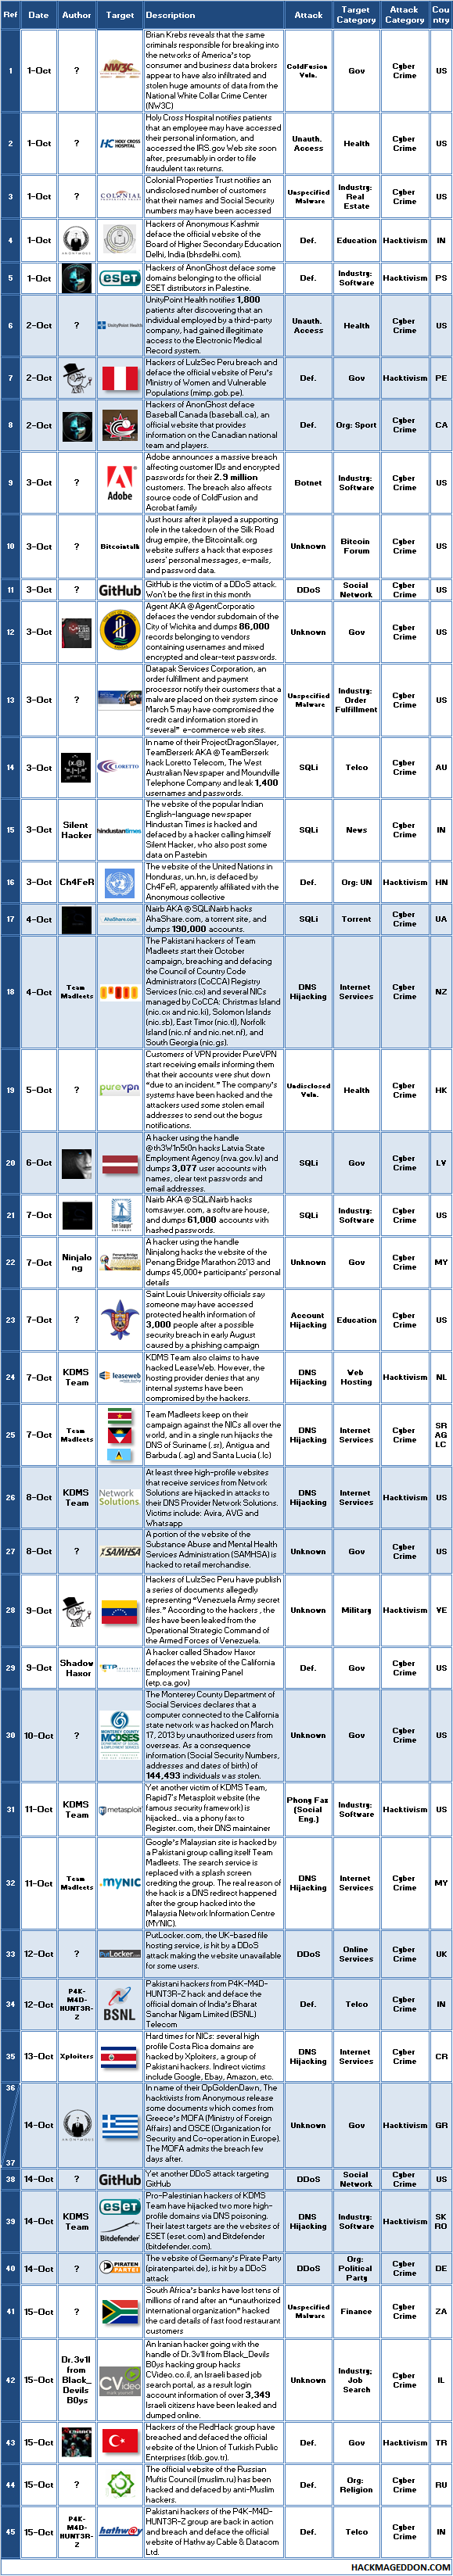 1-15 October 2013 Cyber Attacks Timeline